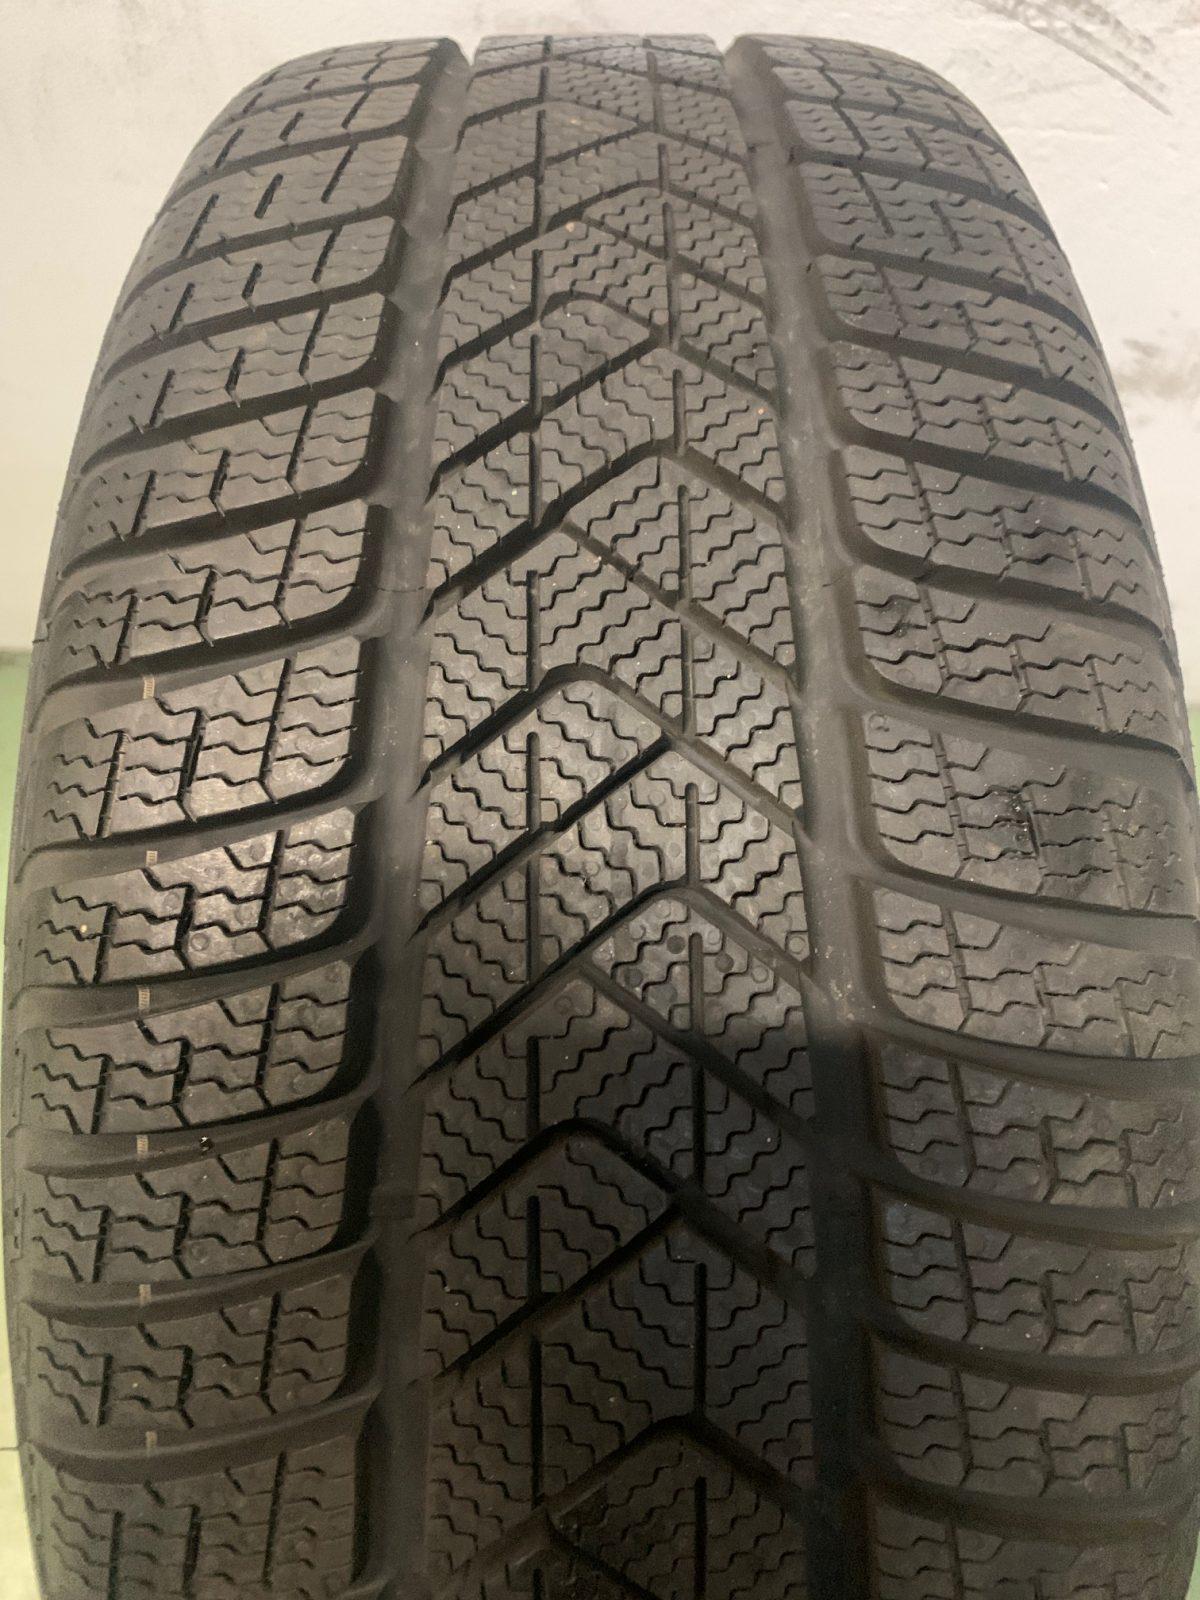 Gyári alufelni BMW G30 (684 styl) 8X18 alufelni újszerű téli garnitúra! Pirelli gumikkal,nyomásszenzorral! 2